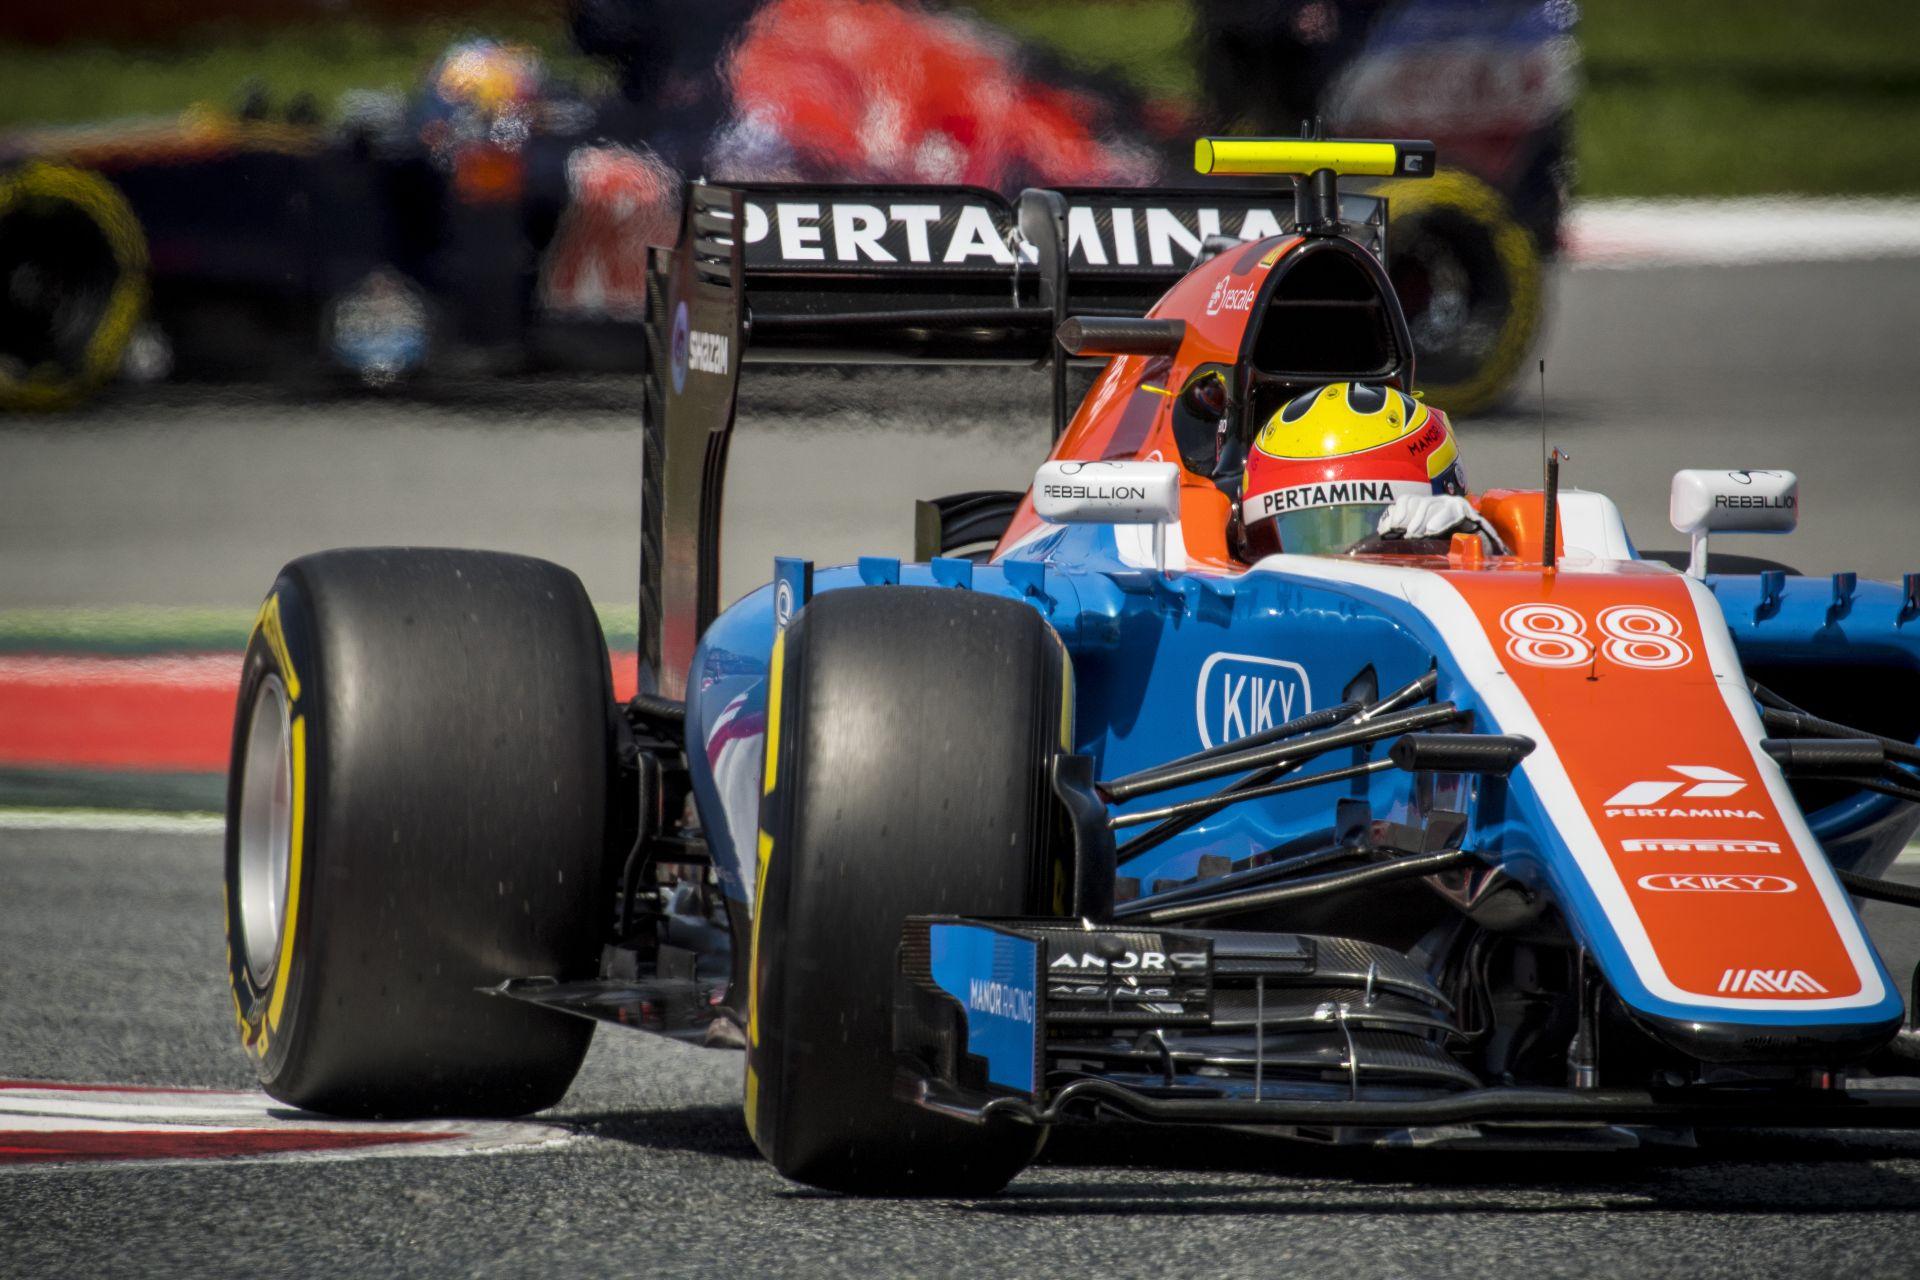 Haryanto nem tudja garantálni, hogy befejezi a szezont a Manorral